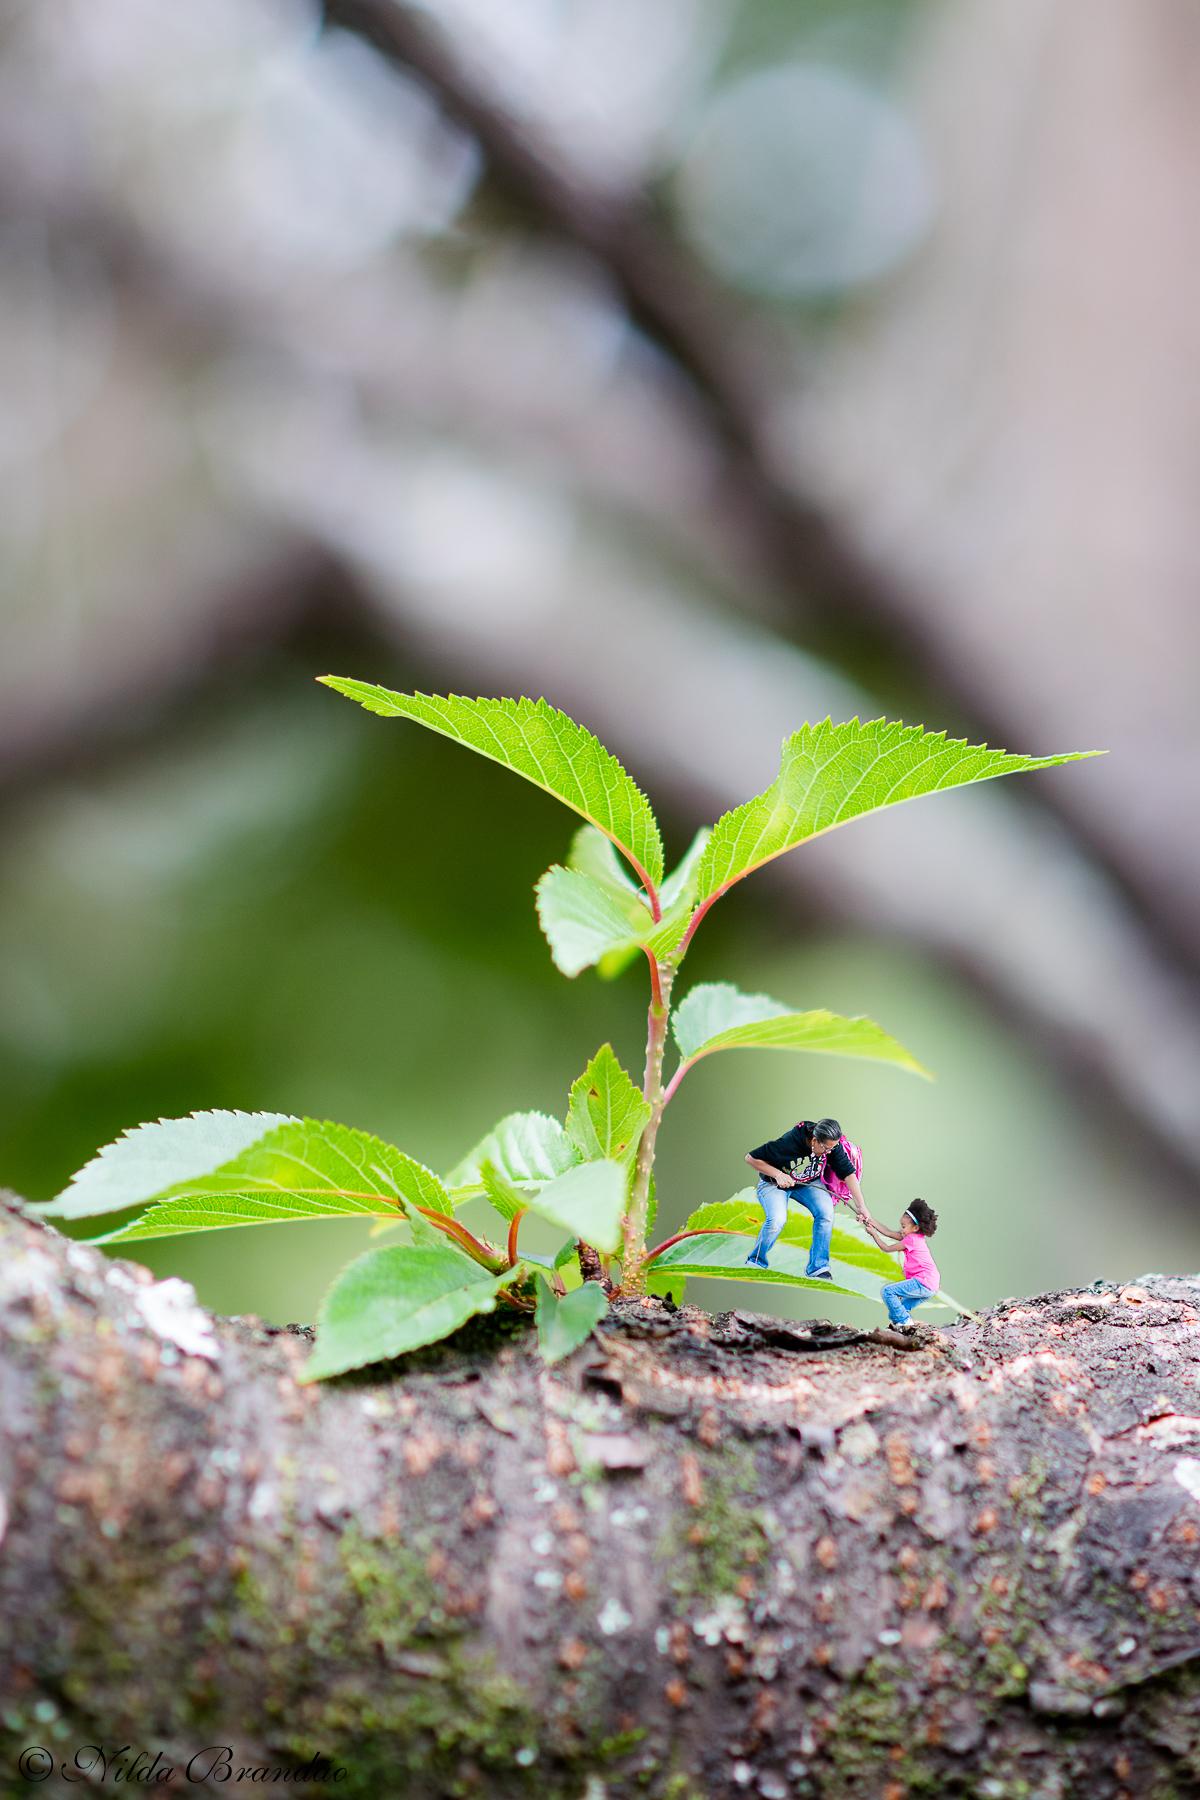 Ensaios infantis também tem espaço para o lúdico e a brincadeira, nessa montagem, mãe e filha escalam a folhinha da árvore.